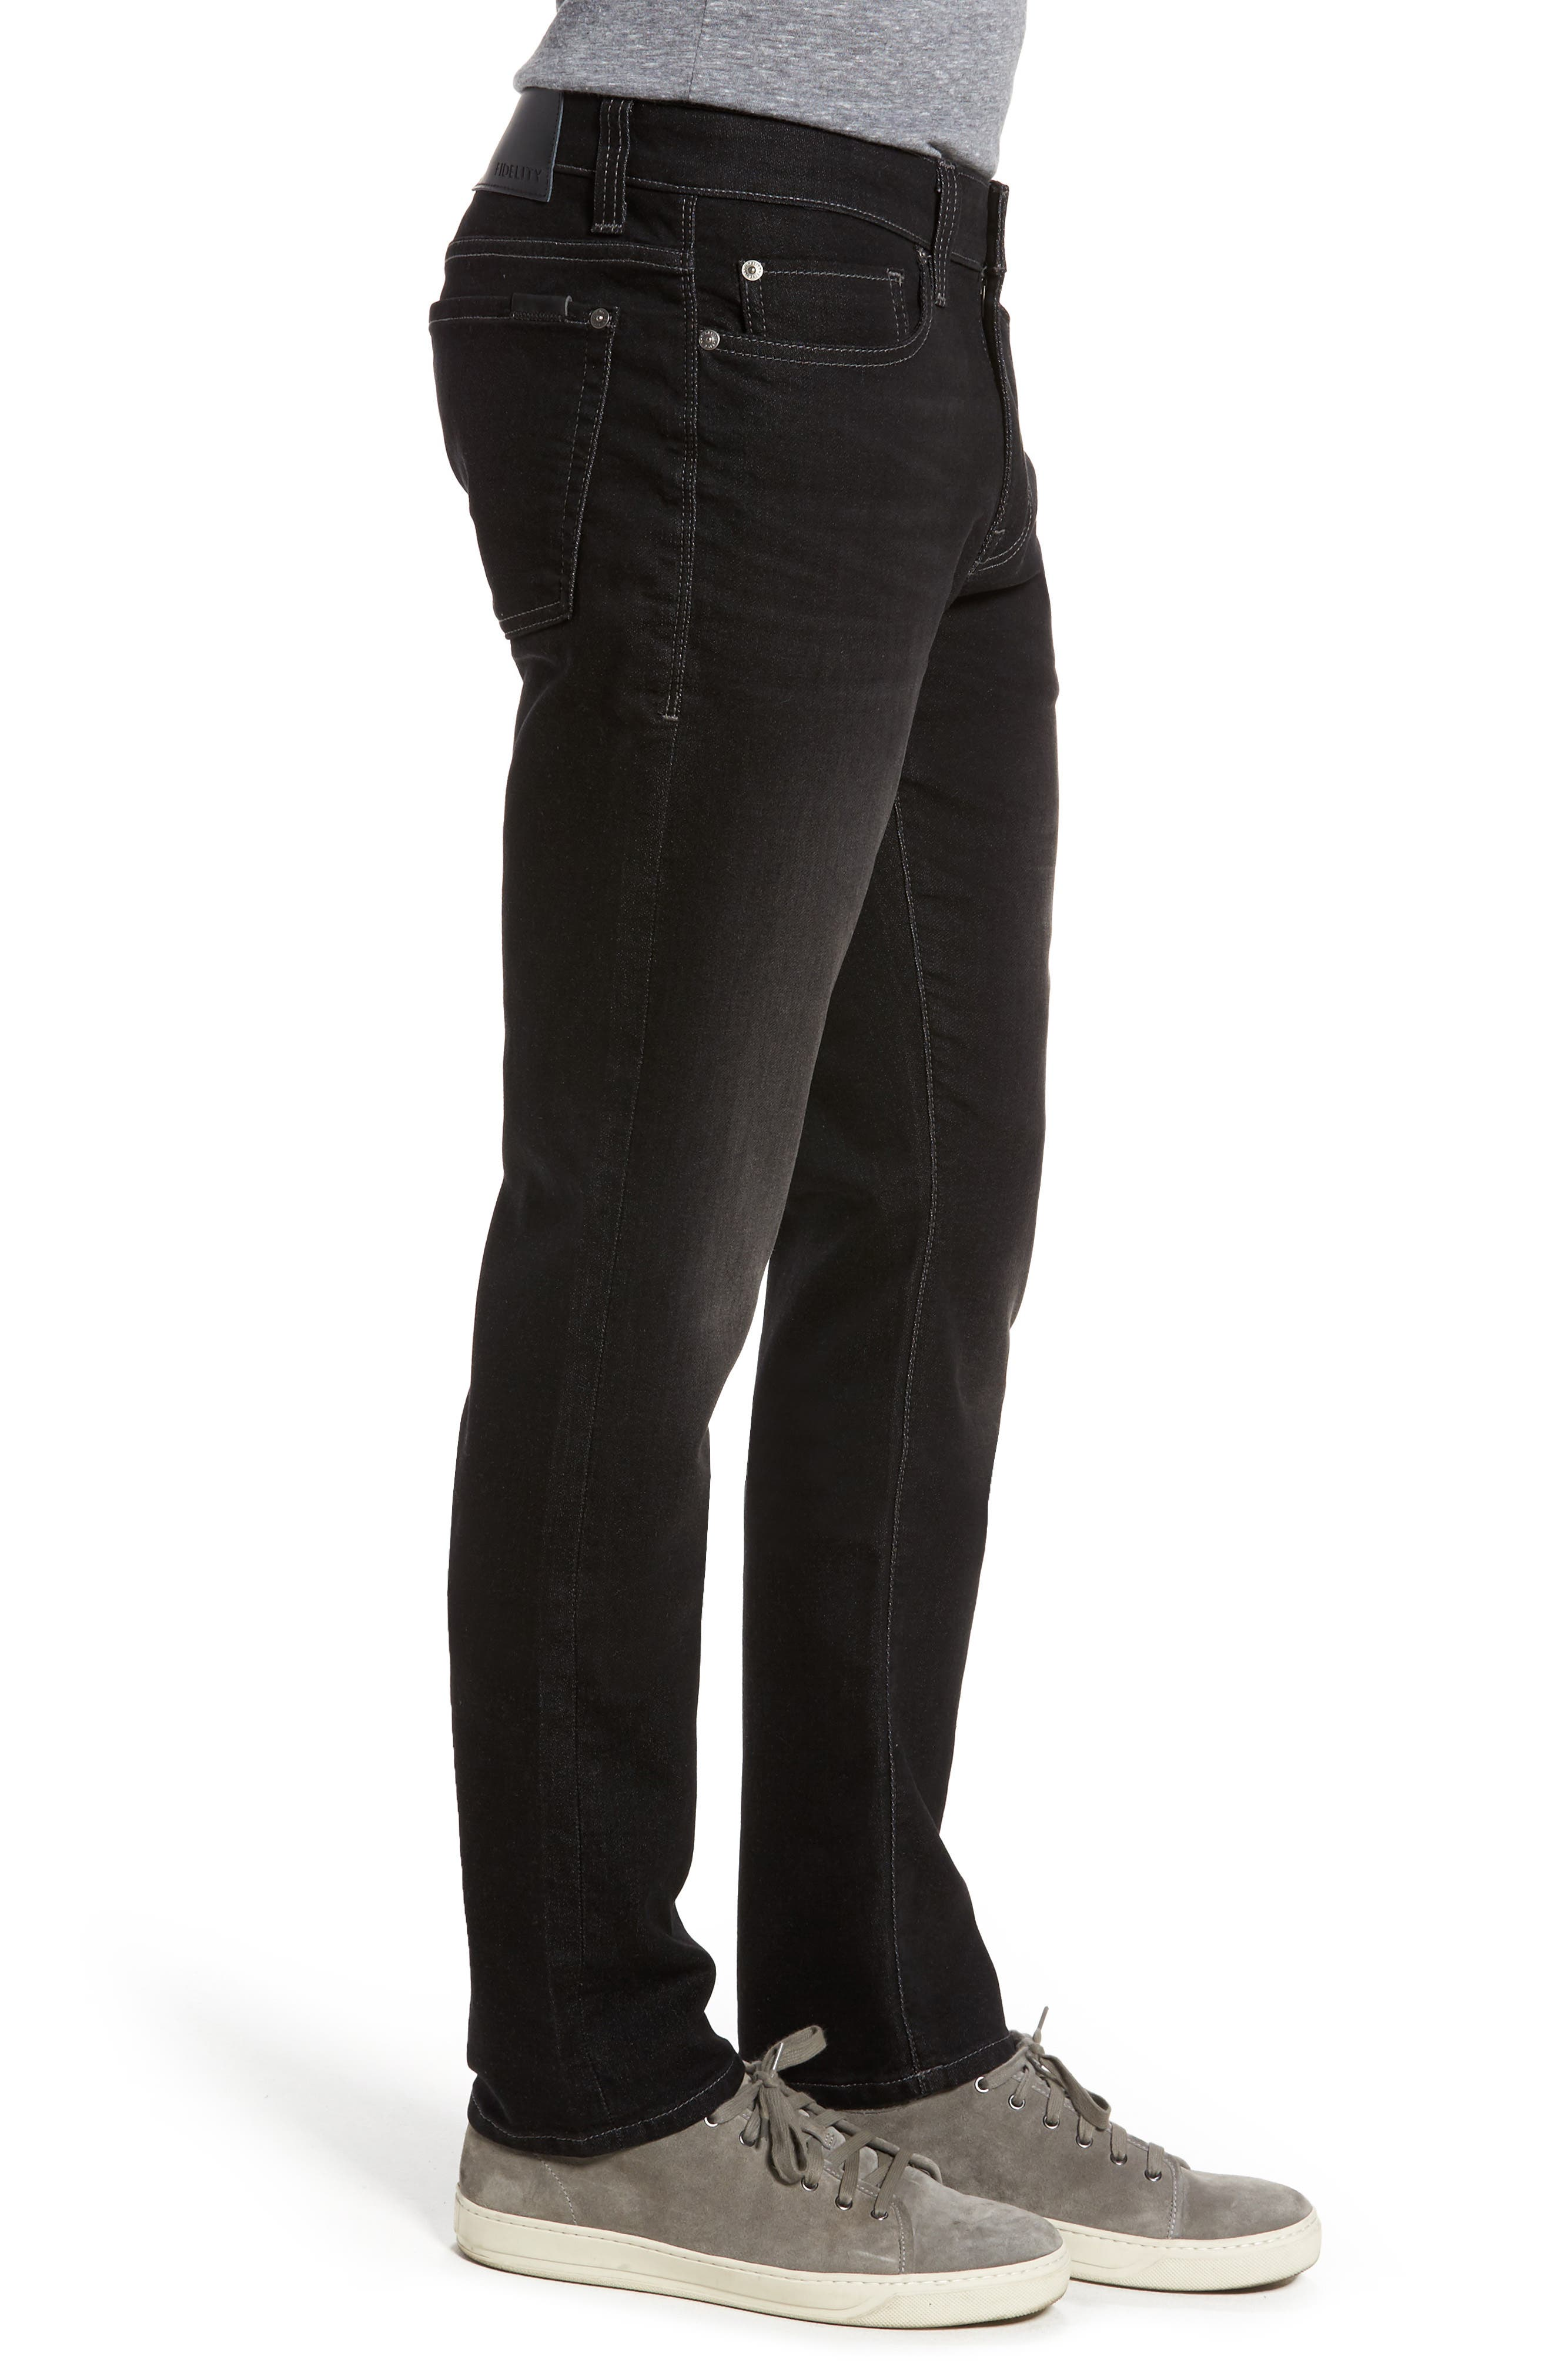 Torino Slim Fit Jeans,                             Alternate thumbnail 3, color,                             Oxy Black On Black